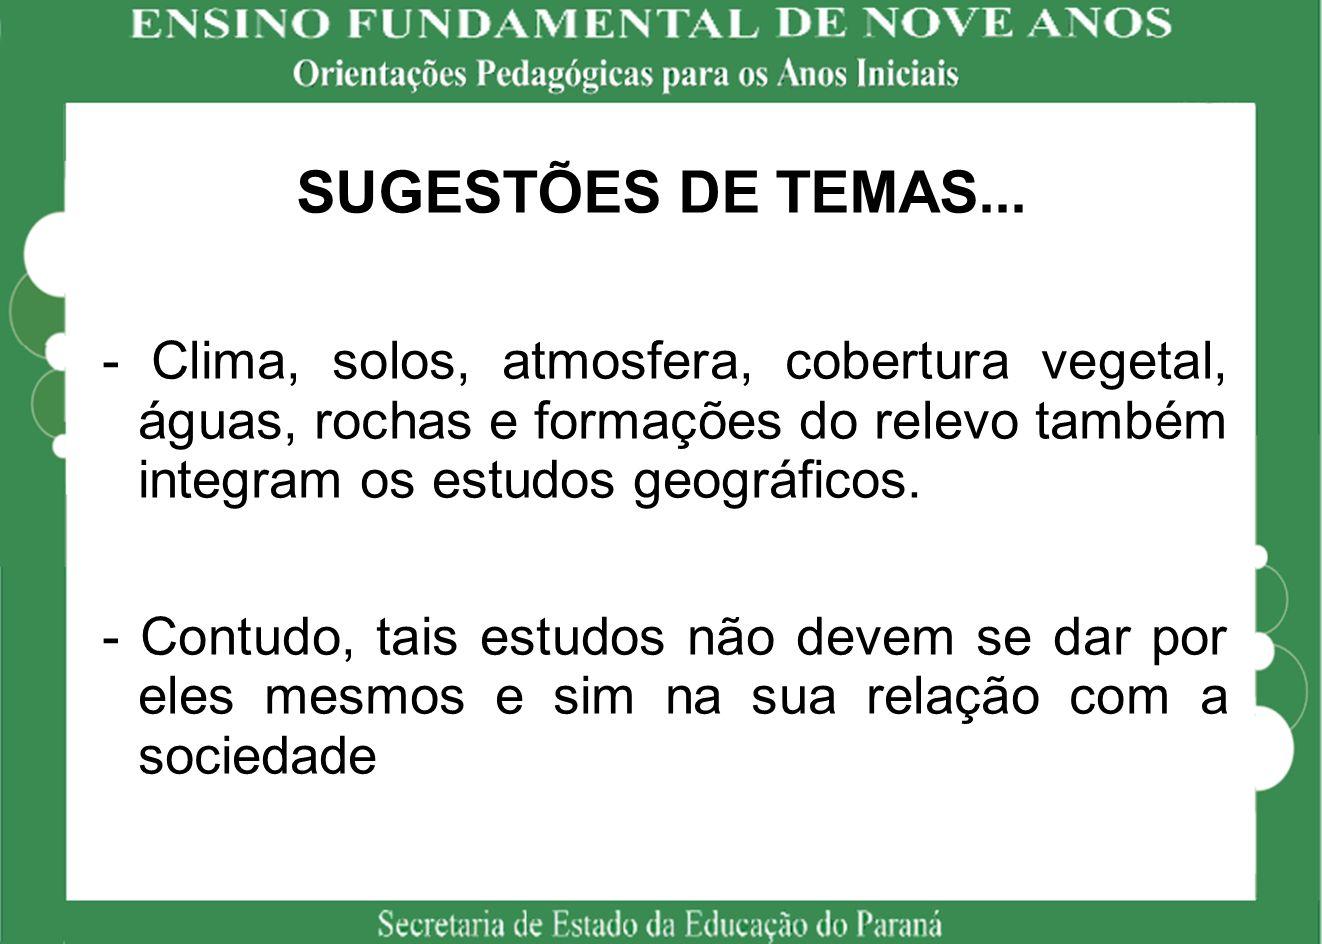 SUGESTÕES DE TEMAS... - Clima, solos, atmosfera, cobertura vegetal, águas, rochas e formações do relevo também integram os estudos geográficos.